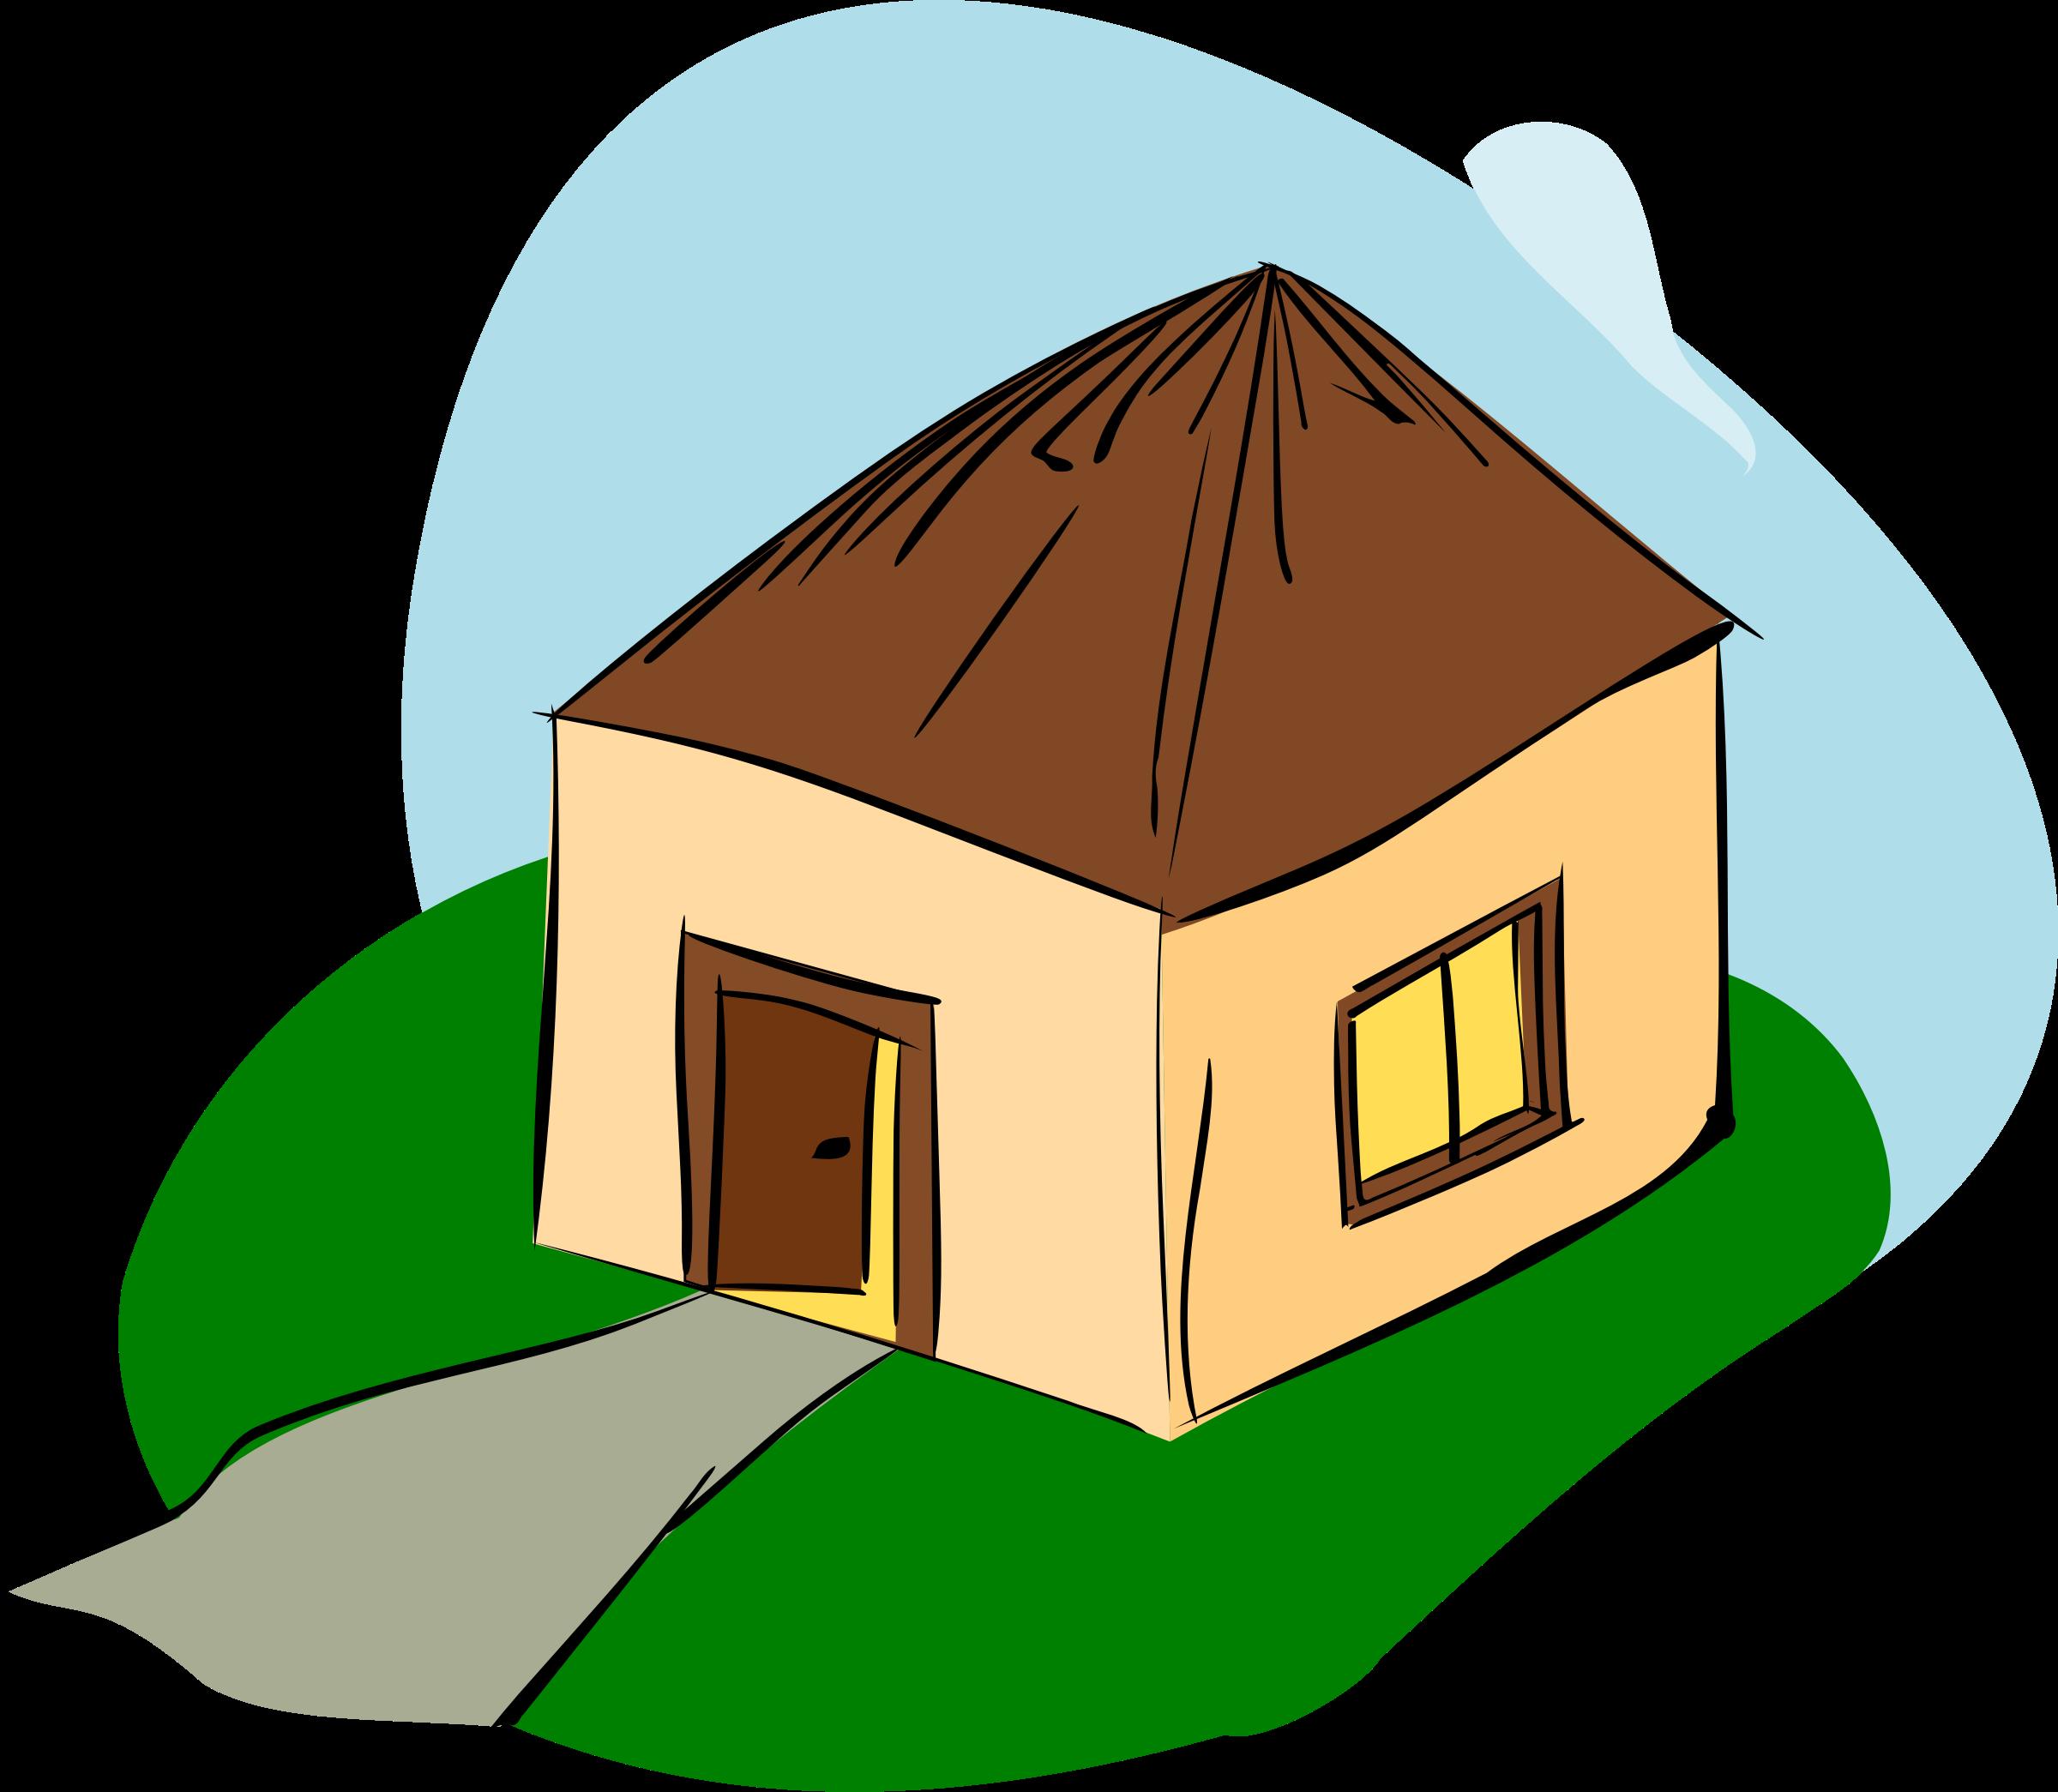 Hut clipart Hut Clipart Hut